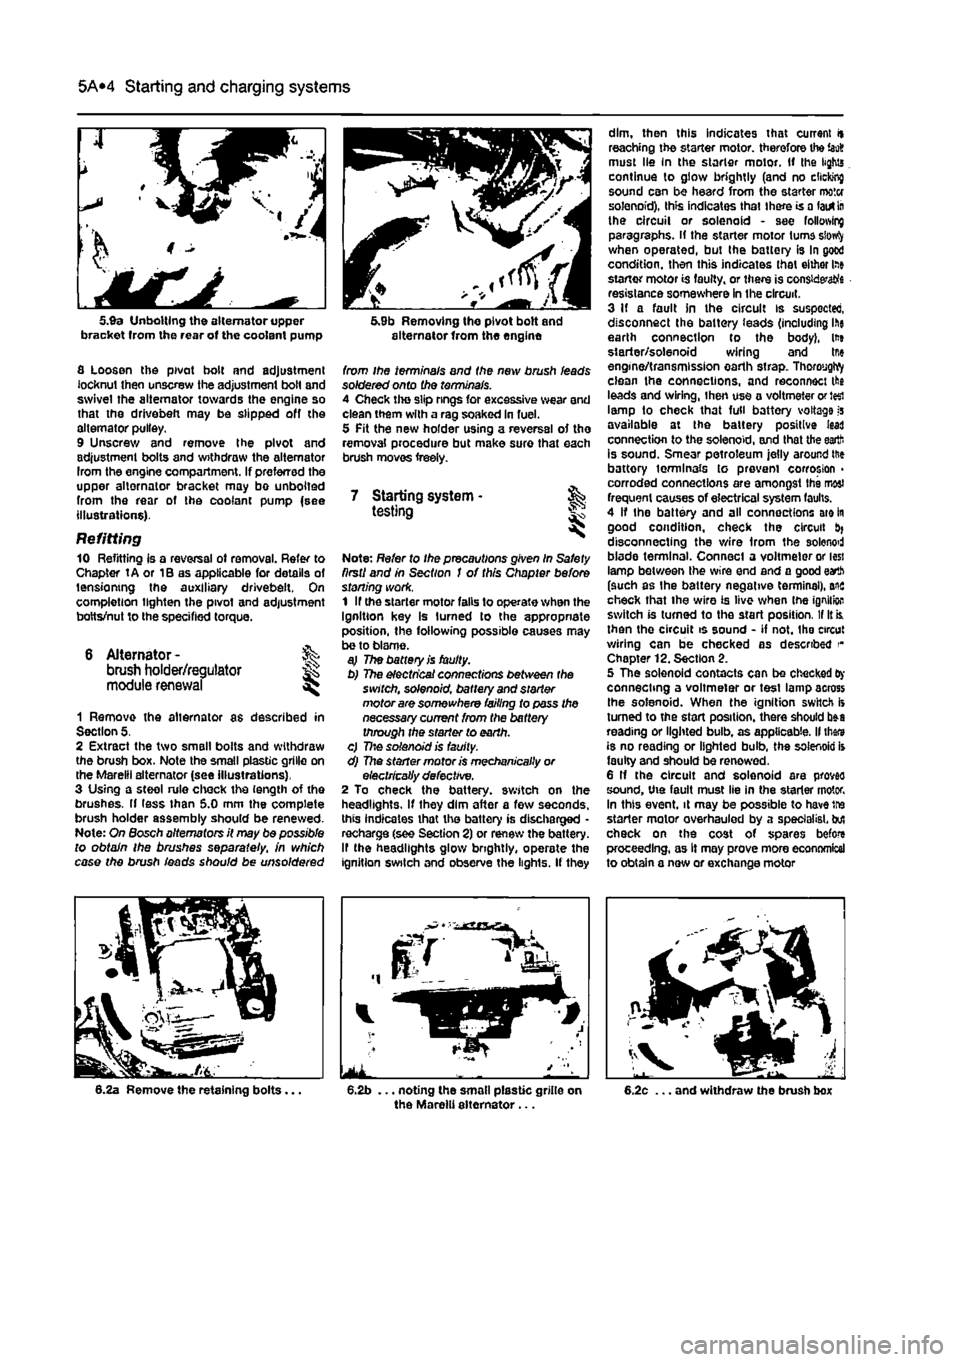 FIAT PUNTO 1994 176 / 1 G